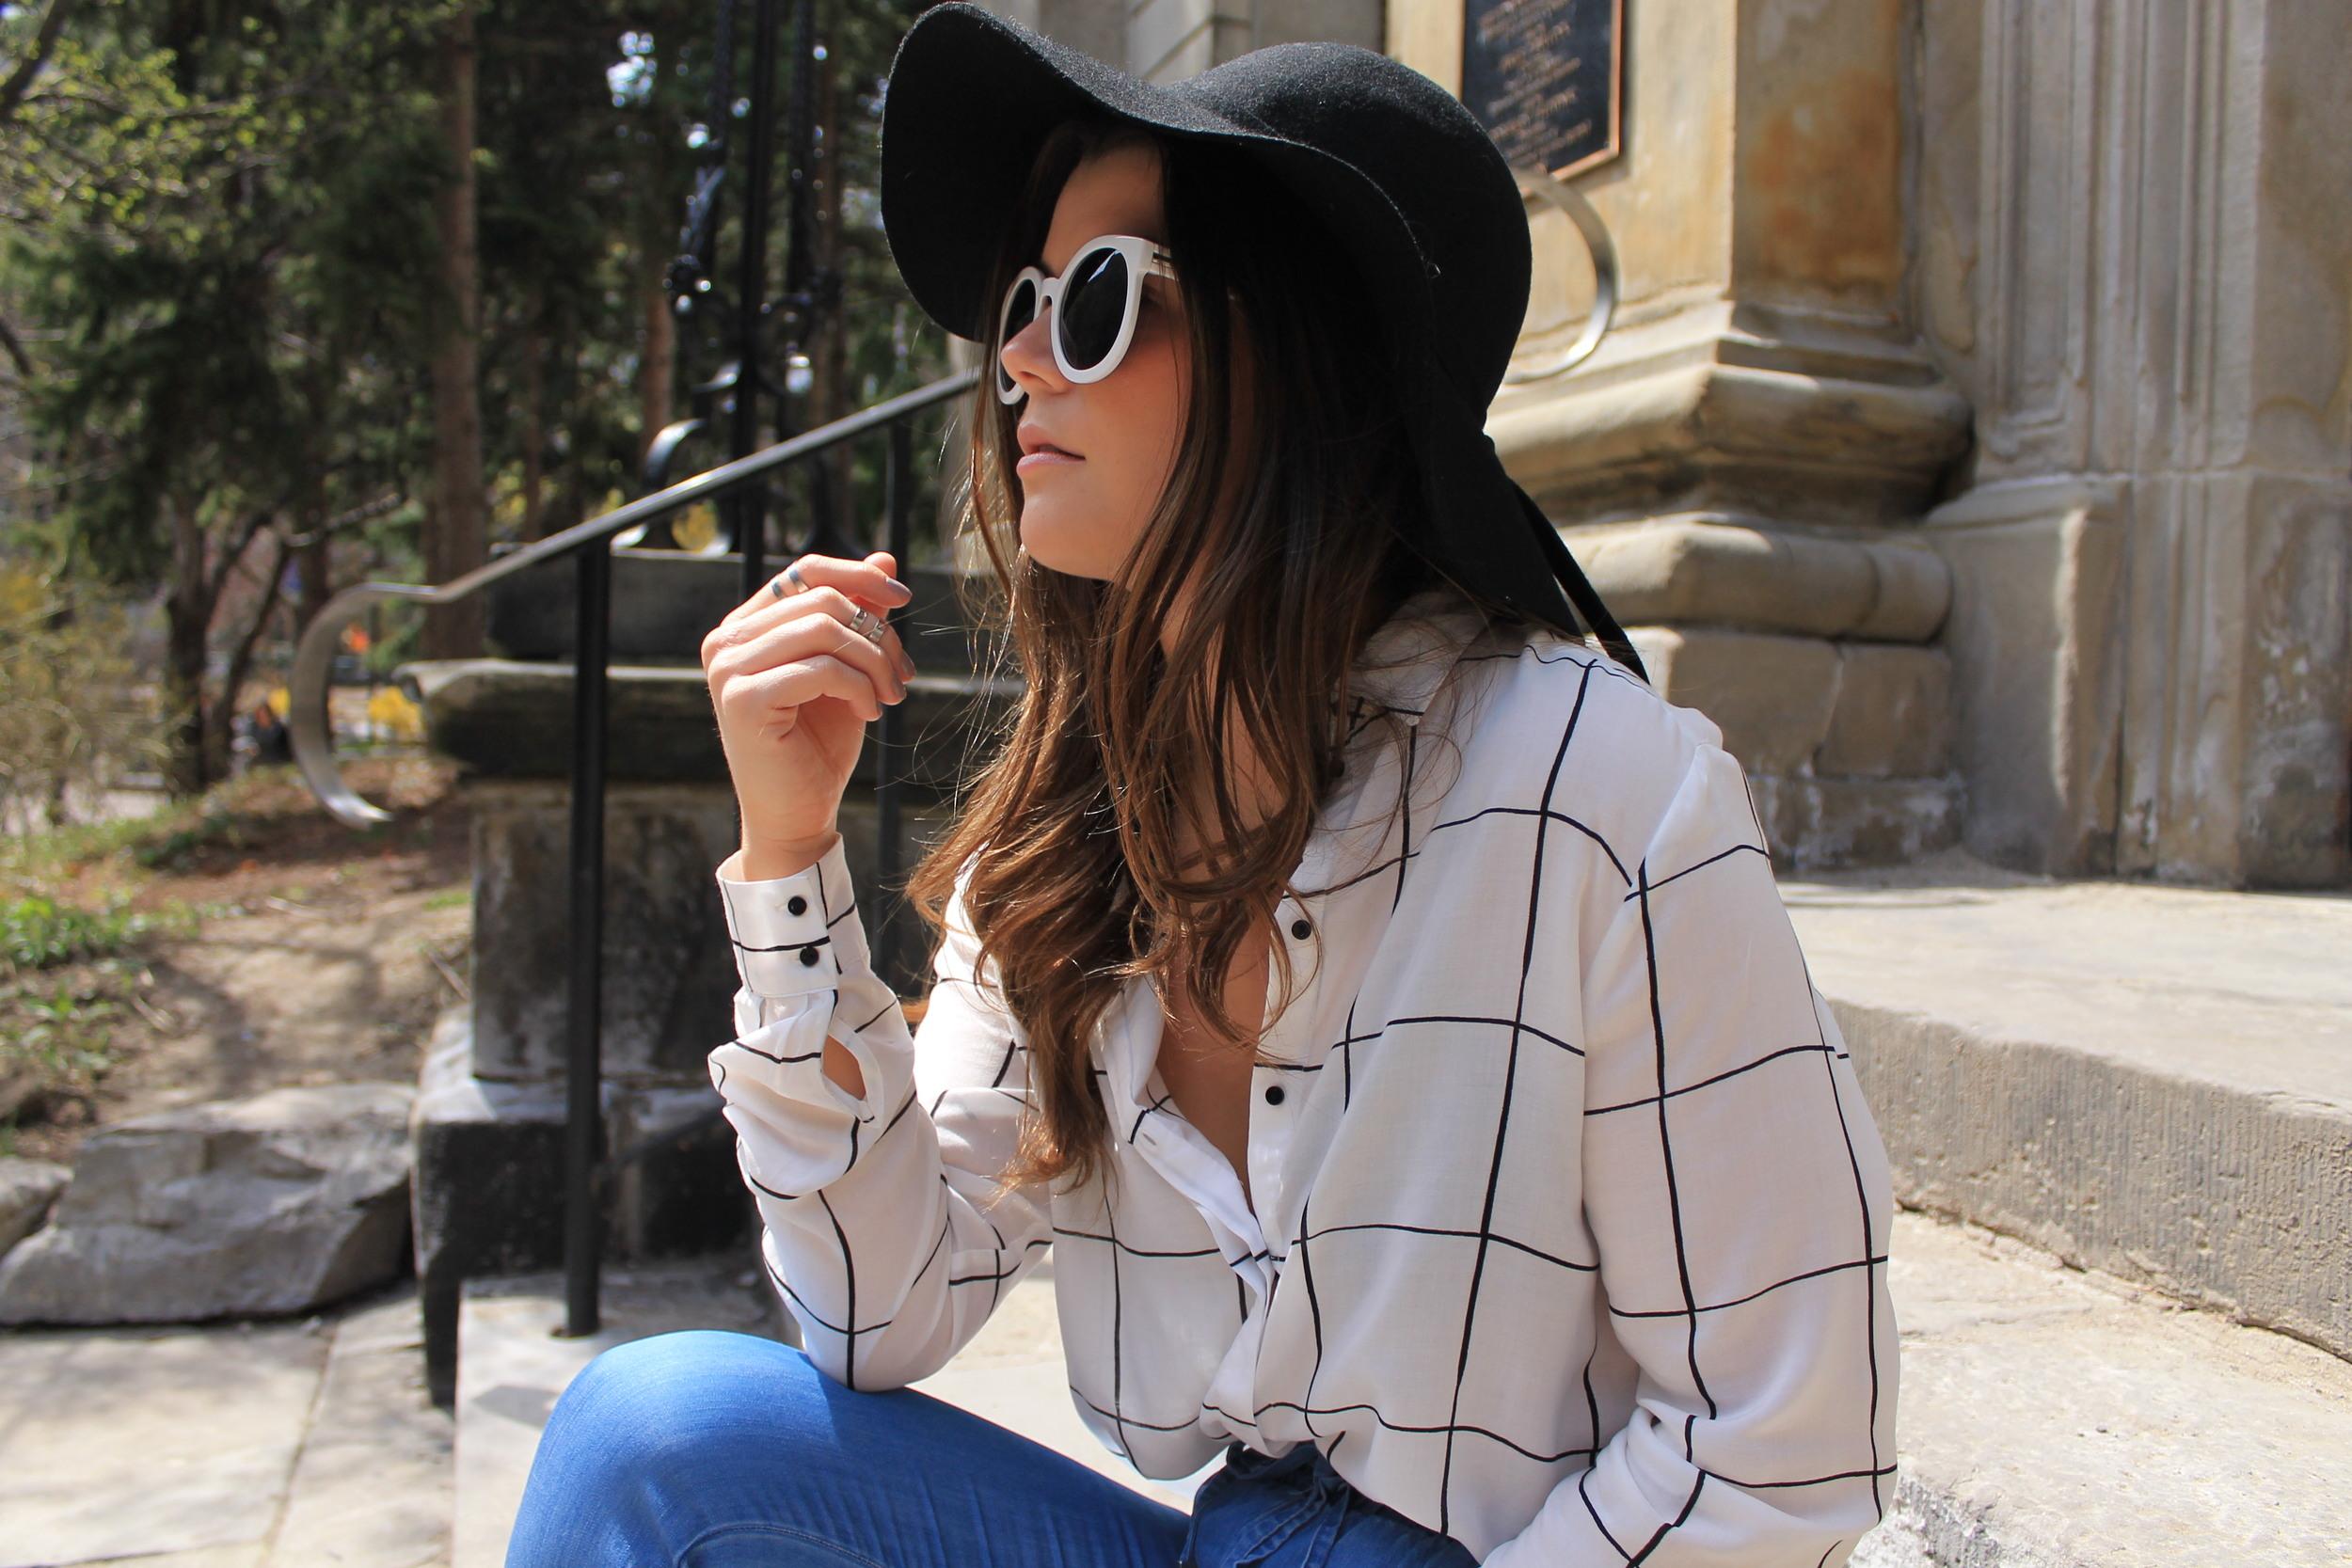 H&M Patterned Blouse Floppy Felt Had Oversized Round Sunglasses